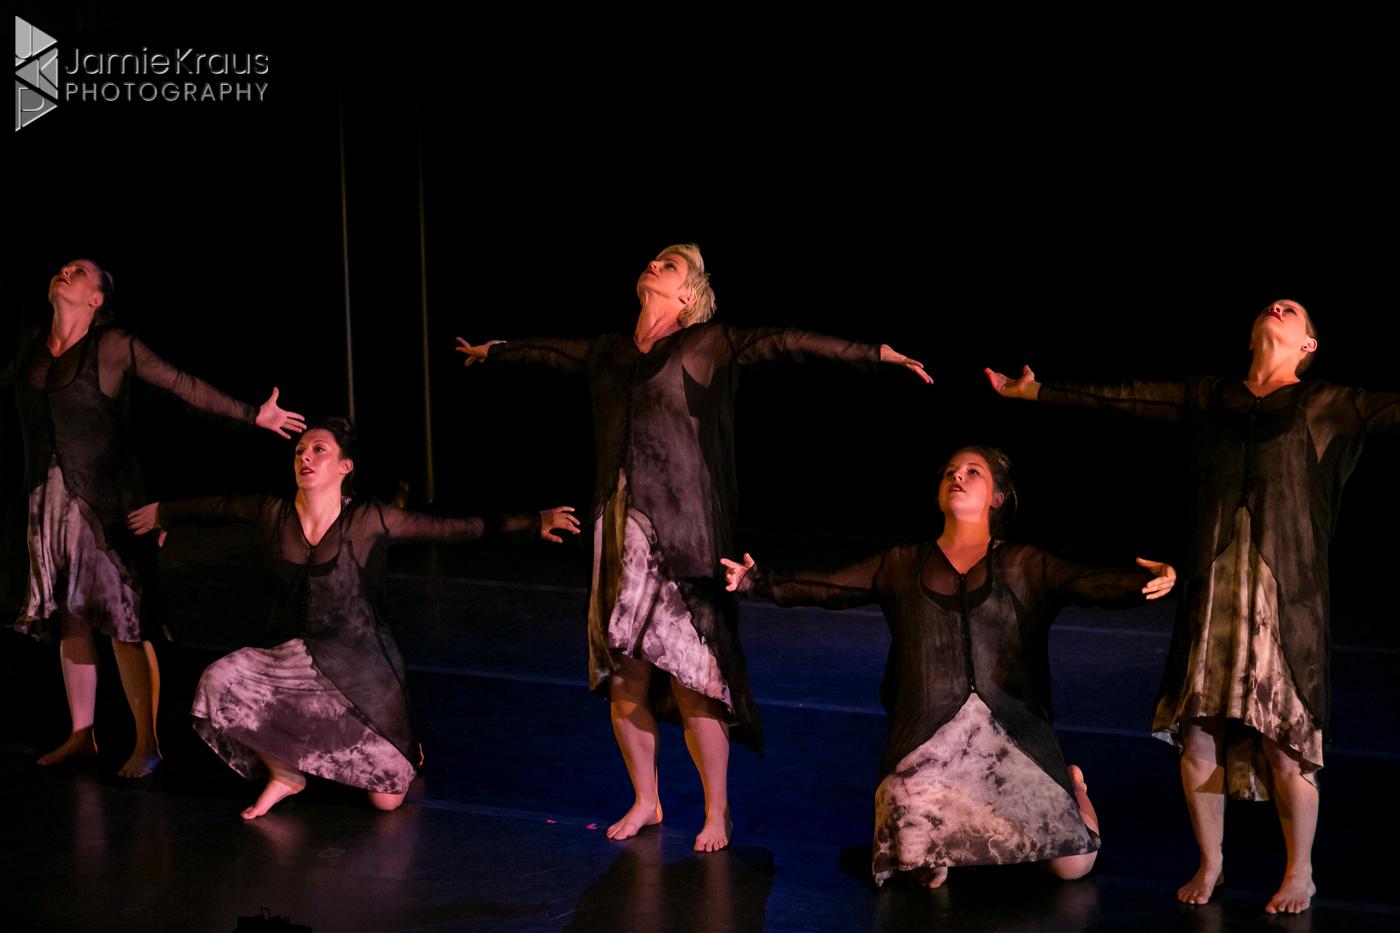 denver dance festival photographers